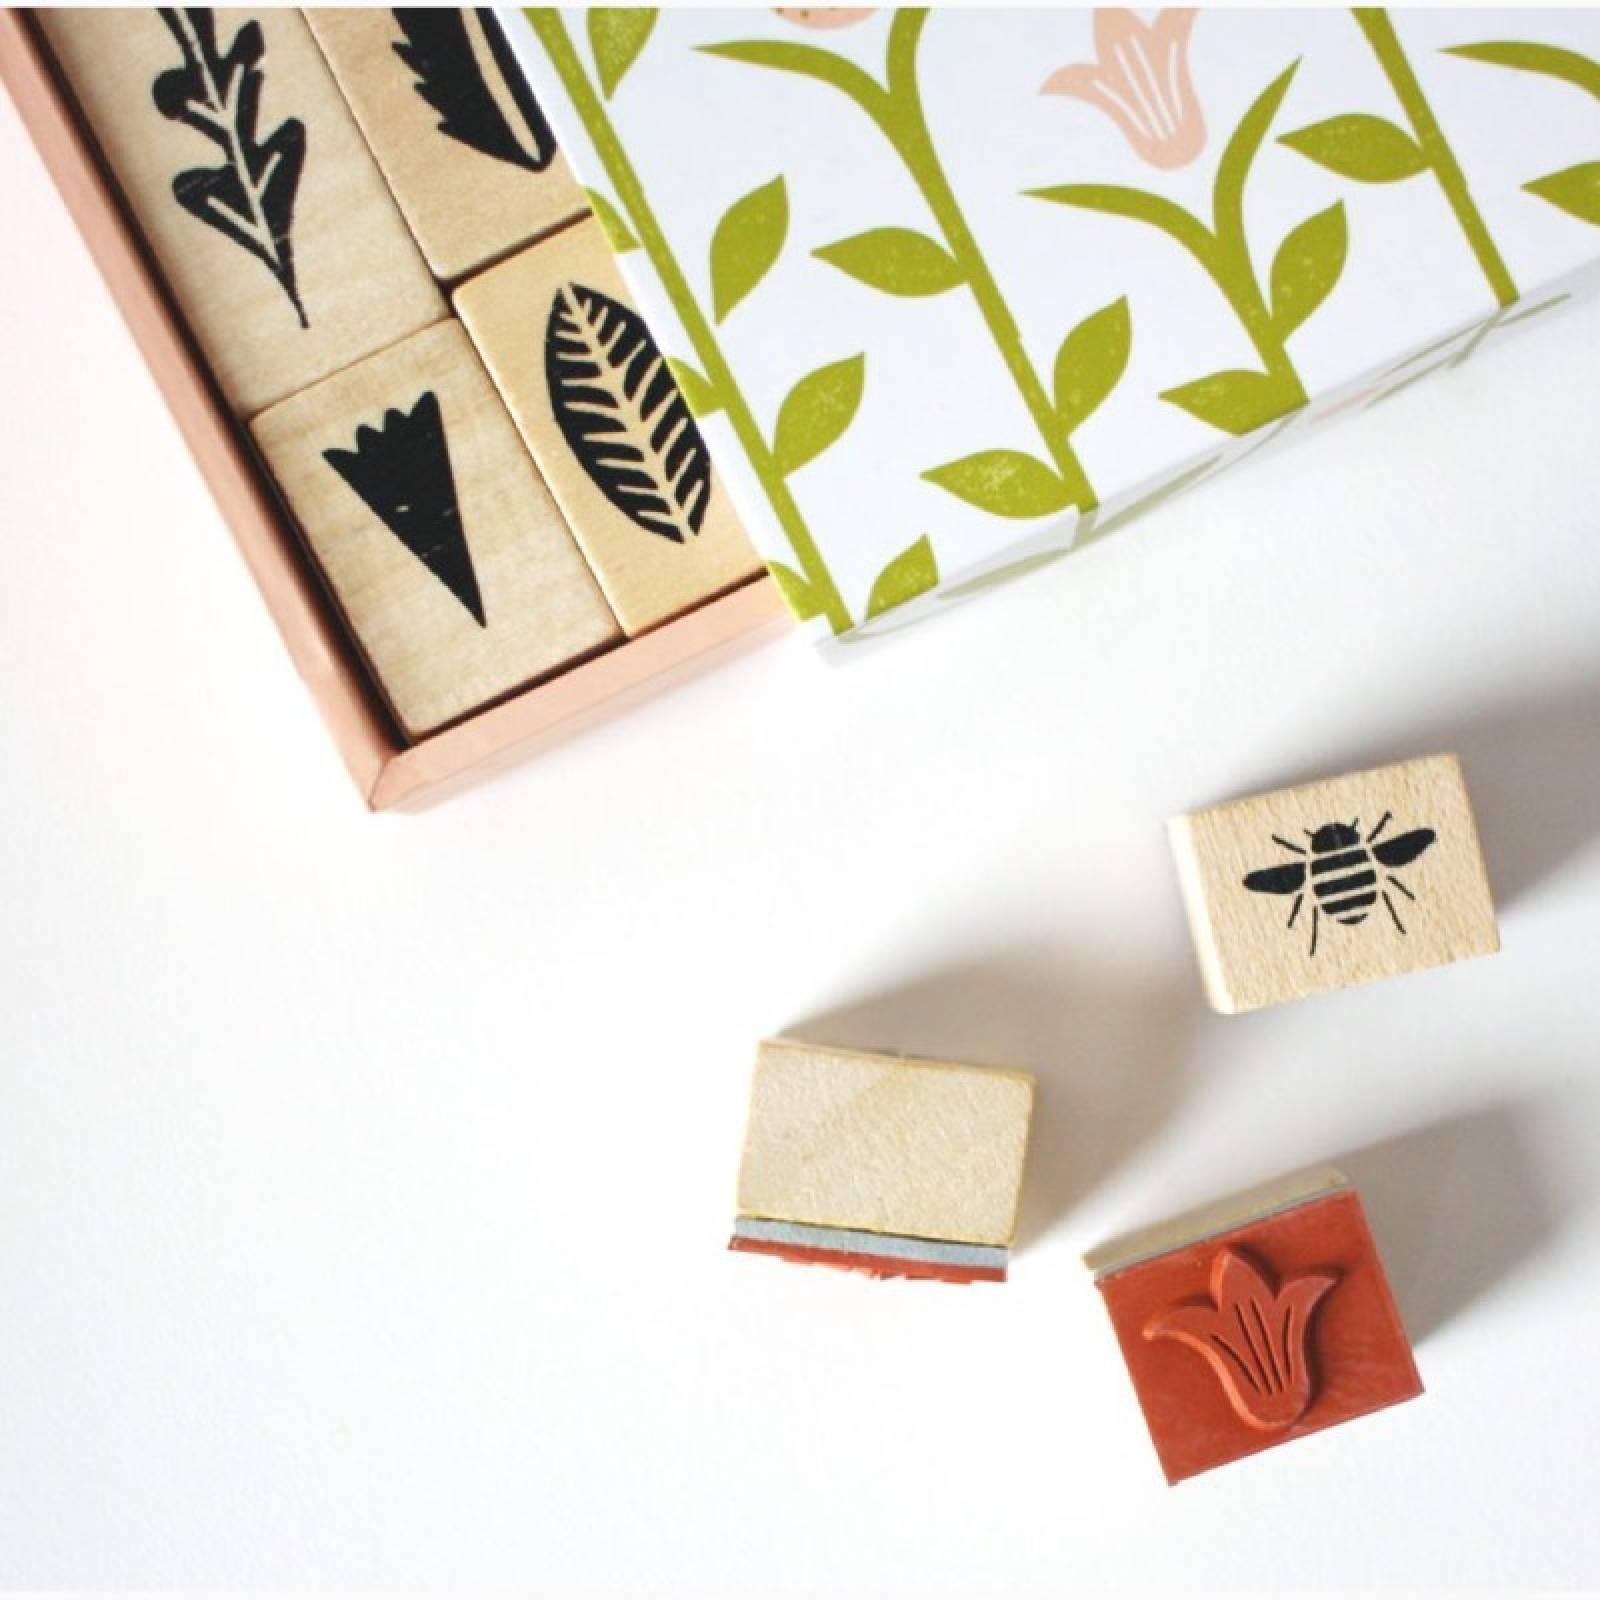 Stamp Garden - 25 Piece Wooden Stamp Set thumbnails